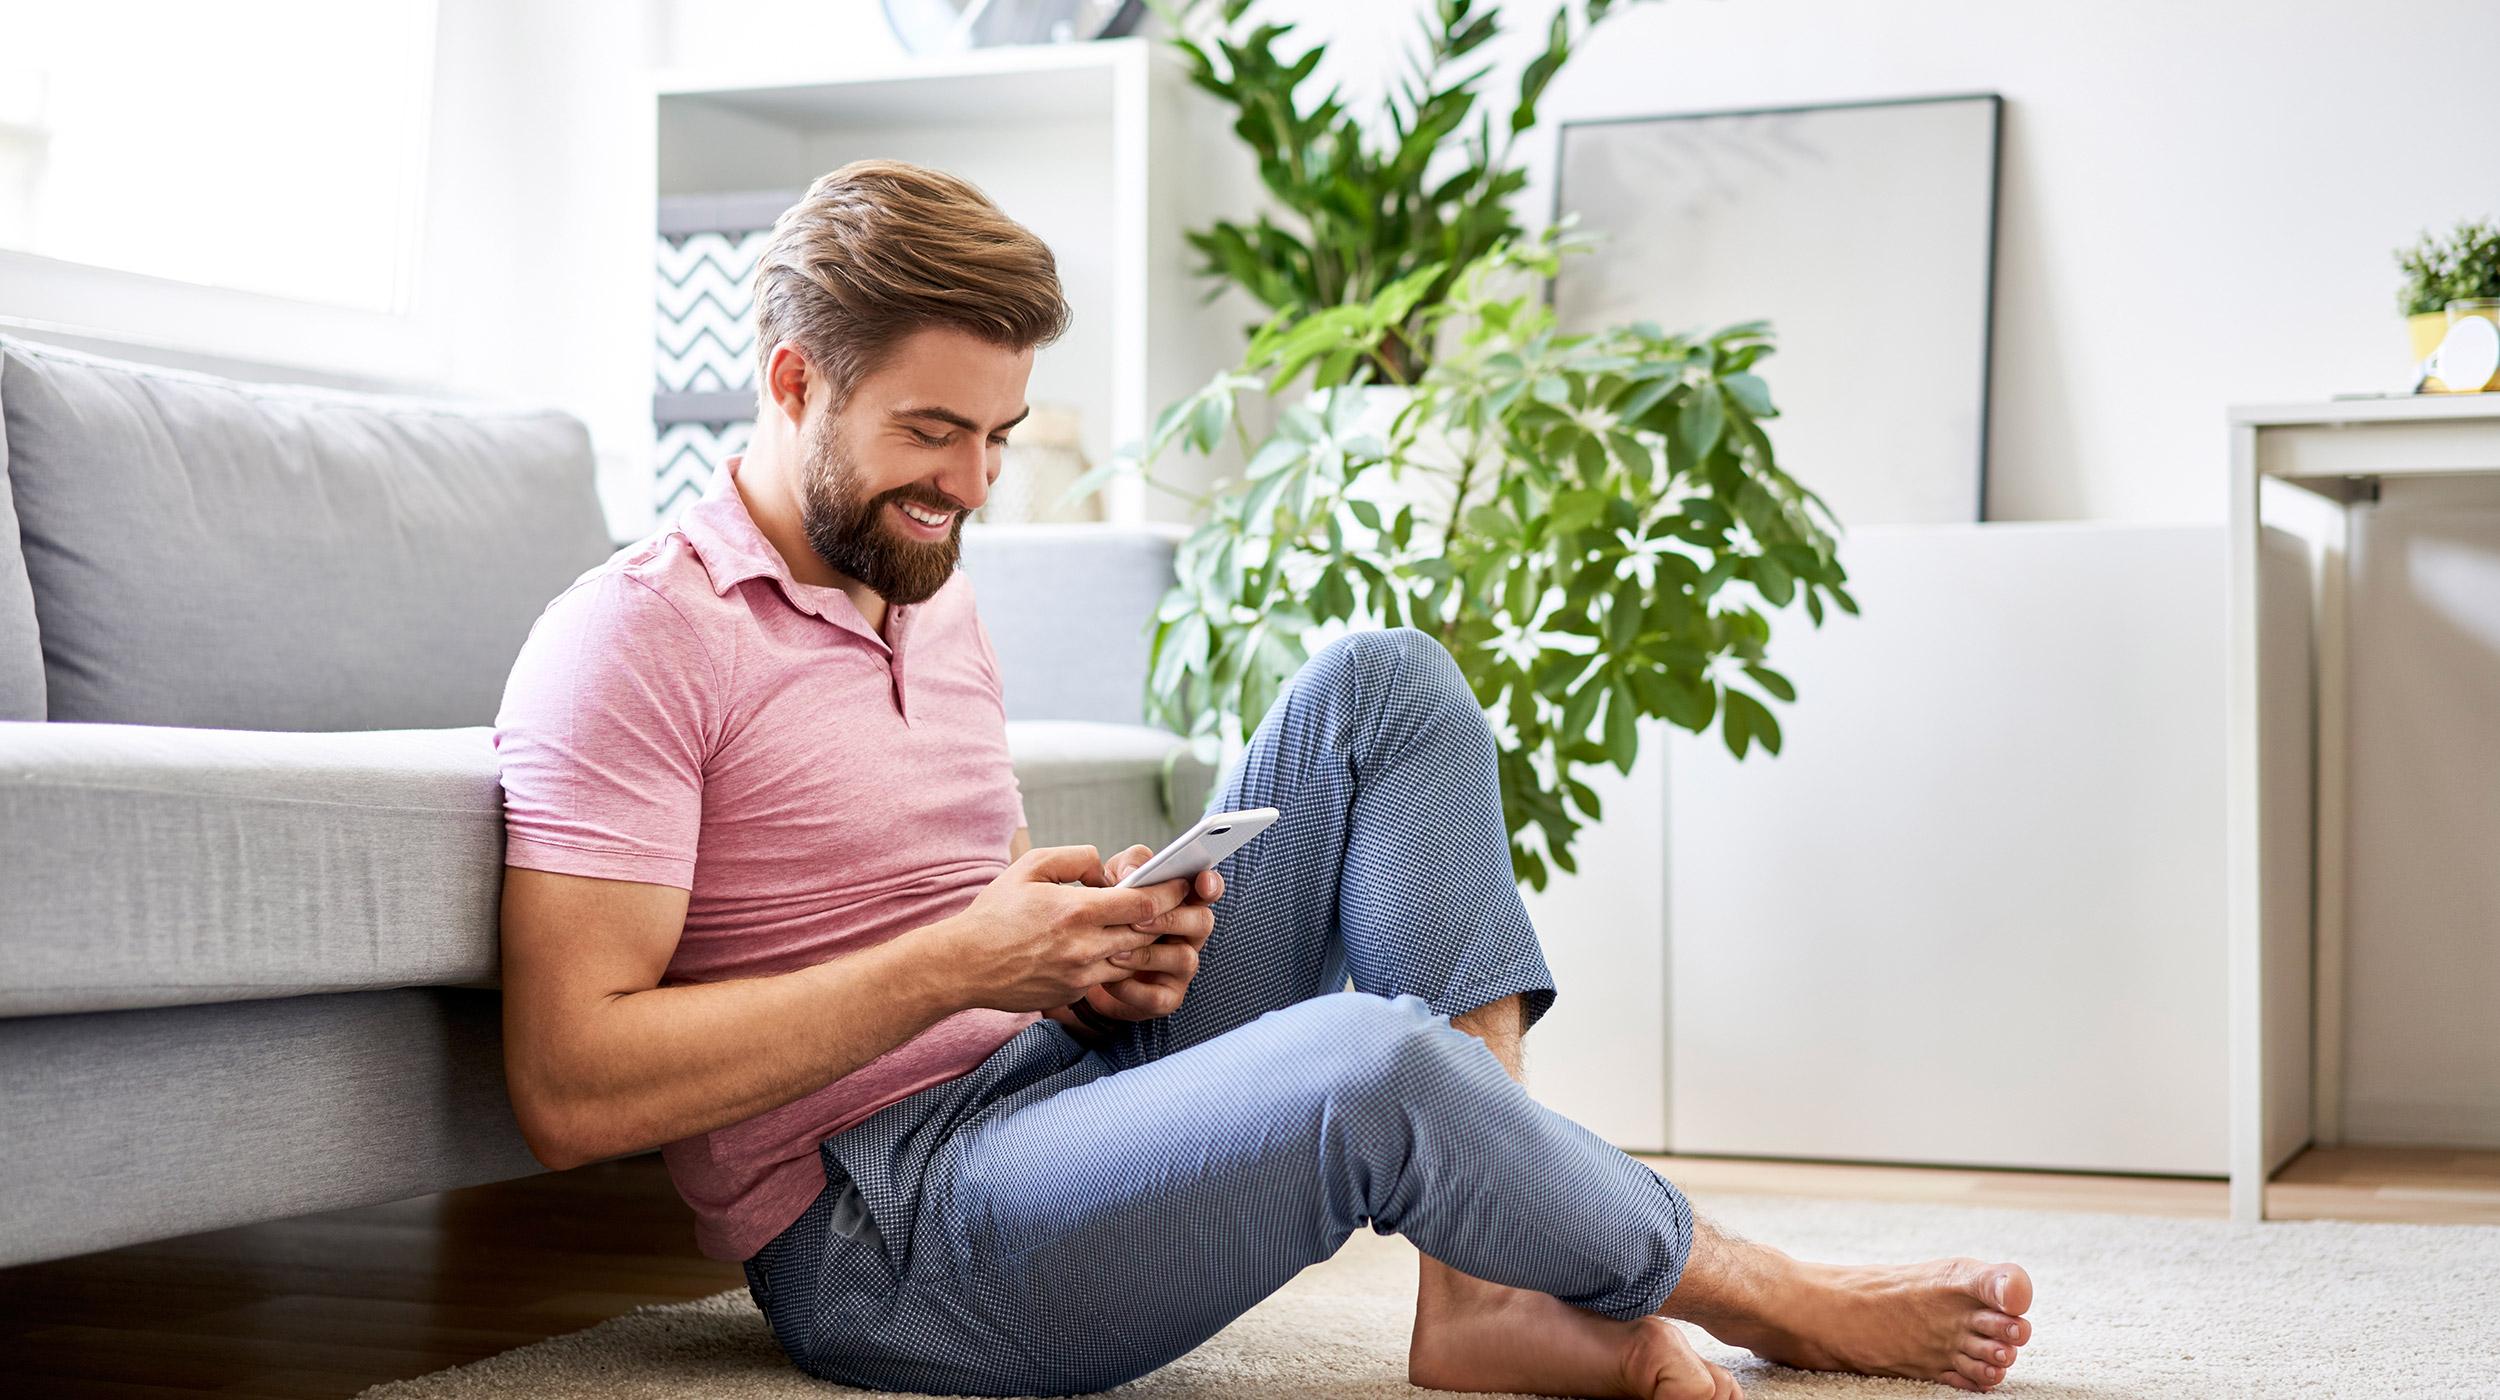 Man enjoying iPad in living room